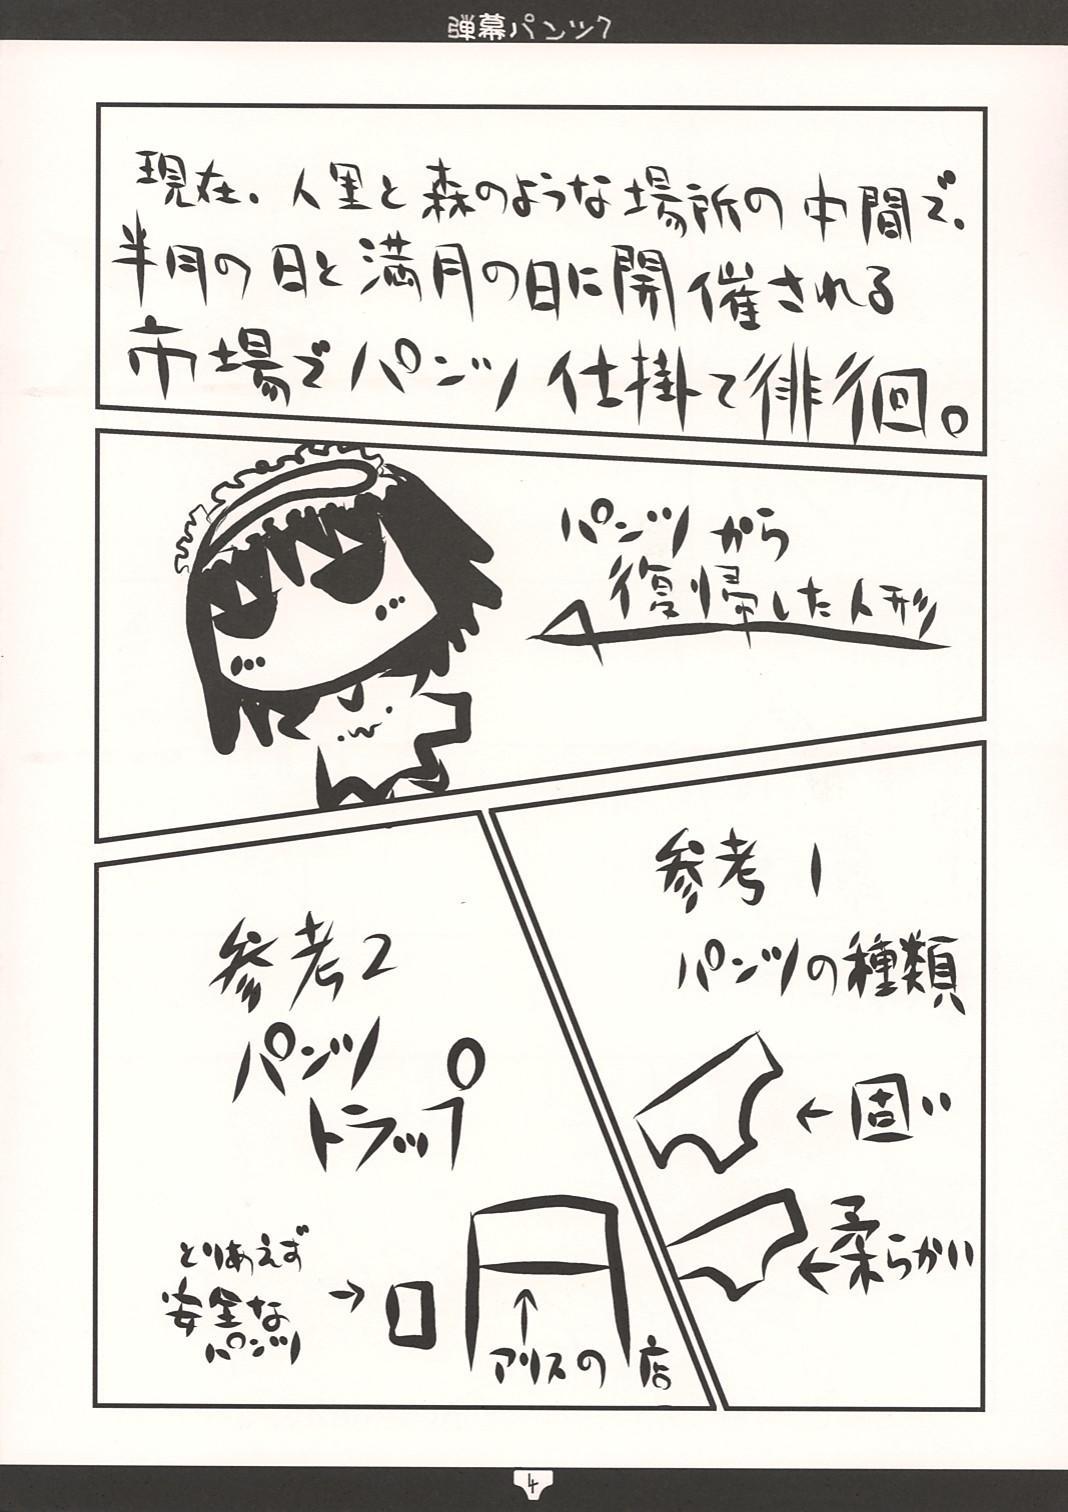 弾幕パンツ7 3